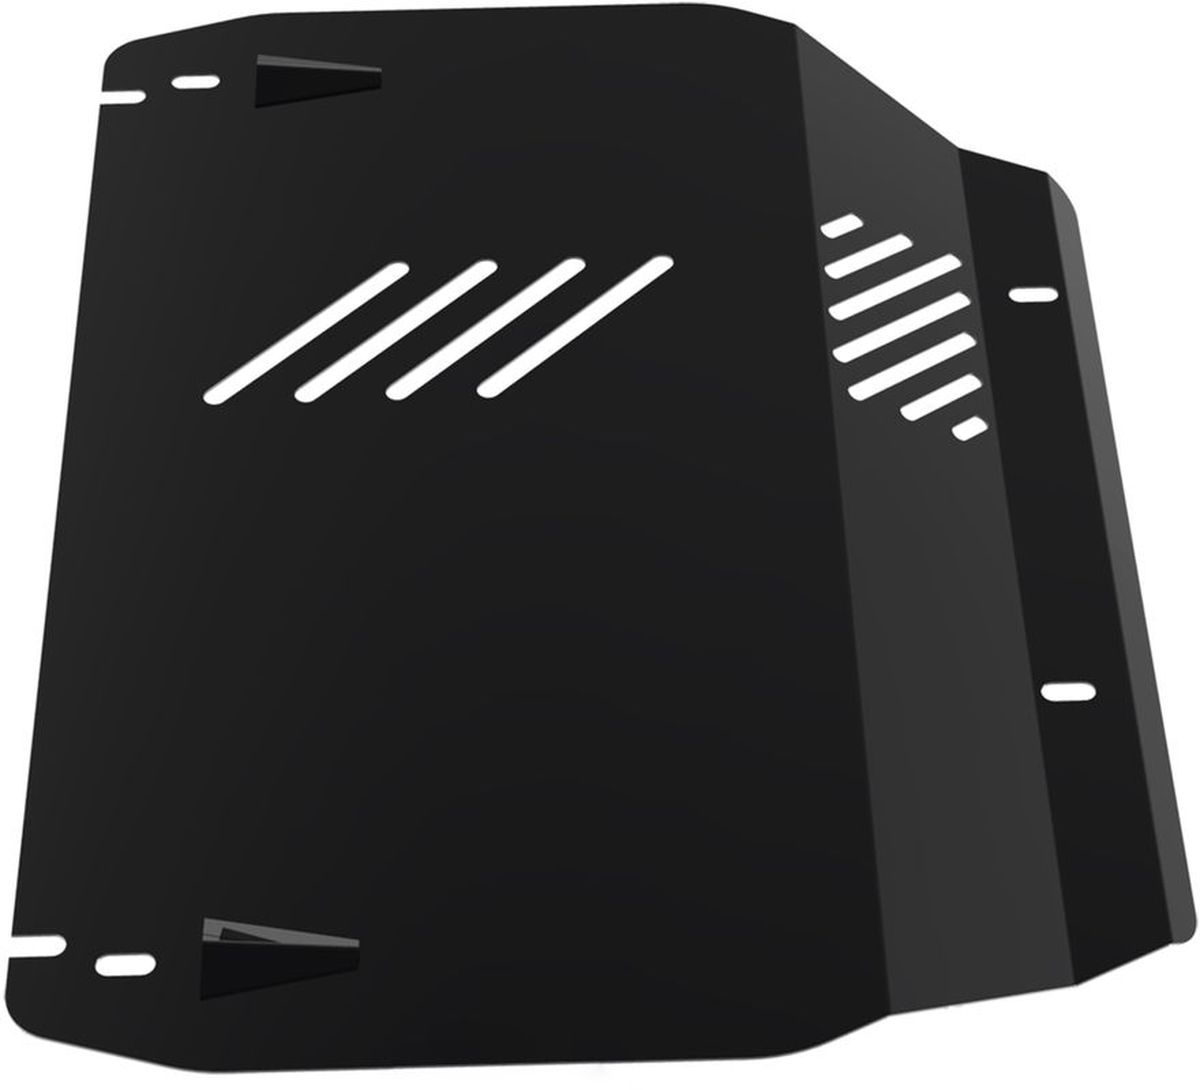 Защита картера и КПП Автоброня, для Hyundai Tucson/Kia Sportage. 111.02312.1RC-100BWCТехнологически совершенный продукт за невысокую стоимость.Защита разработана с учетом особенностей днища автомобиля, что позволяет сохранить дорожный просвет с минимальным изменением.Защита устанавливается в штатные места кузова автомобиля. Глубокий штамп обеспечивает до двух раз больше жесткости в сравнении с обычной защитой той же толщины. Проштампованные ребра жесткости препятствуют деформации защиты при ударах.Тепловой зазор и вентиляционные отверстия обеспечивают сохранение температурного режима двигателя в норме. Скрытый крепеж предотвращает срыв крепежных элементов при наезде на препятствие.Шумопоглощающие резиновые элементы обеспечивают комфортную езду без вибраций и скрежета металла, а съемные лючки для слива масла и замены фильтра - экономию средств и время.Конструкция изделия не влияет на пассивную безопасность автомобиля (при ударе защита не воздействует на деформационные зоны кузова). Со штатным крепежом. В комплекте инструкция по установке.Толщина стали: 2 мм.